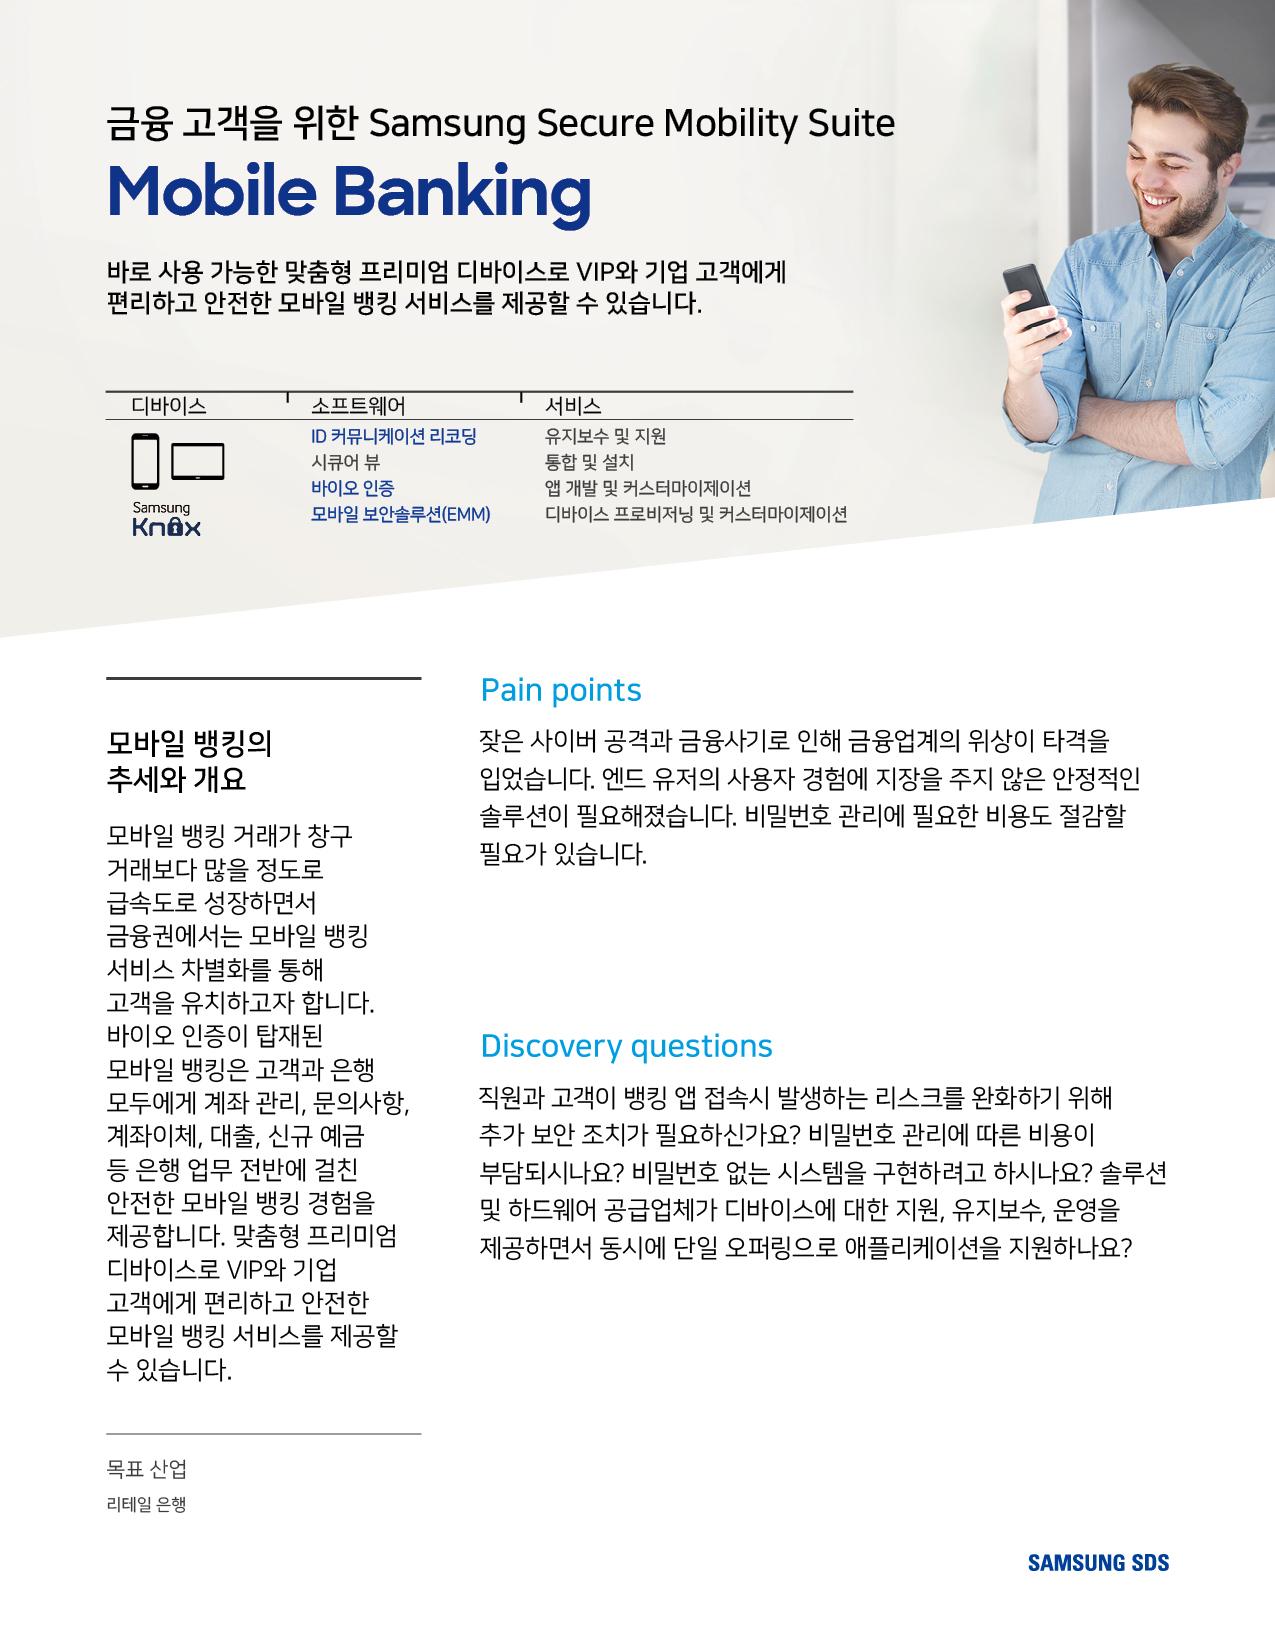 금융 고객을 위한 모바일 뱅킹 솔루션 1 바로 사용 가능한 맞춤형 프리미엄 디바이스로 VIP와 기업 고객에게 편리하고 안전한 모바일 뱅킹 서비스를 제공할 수 있습니다.